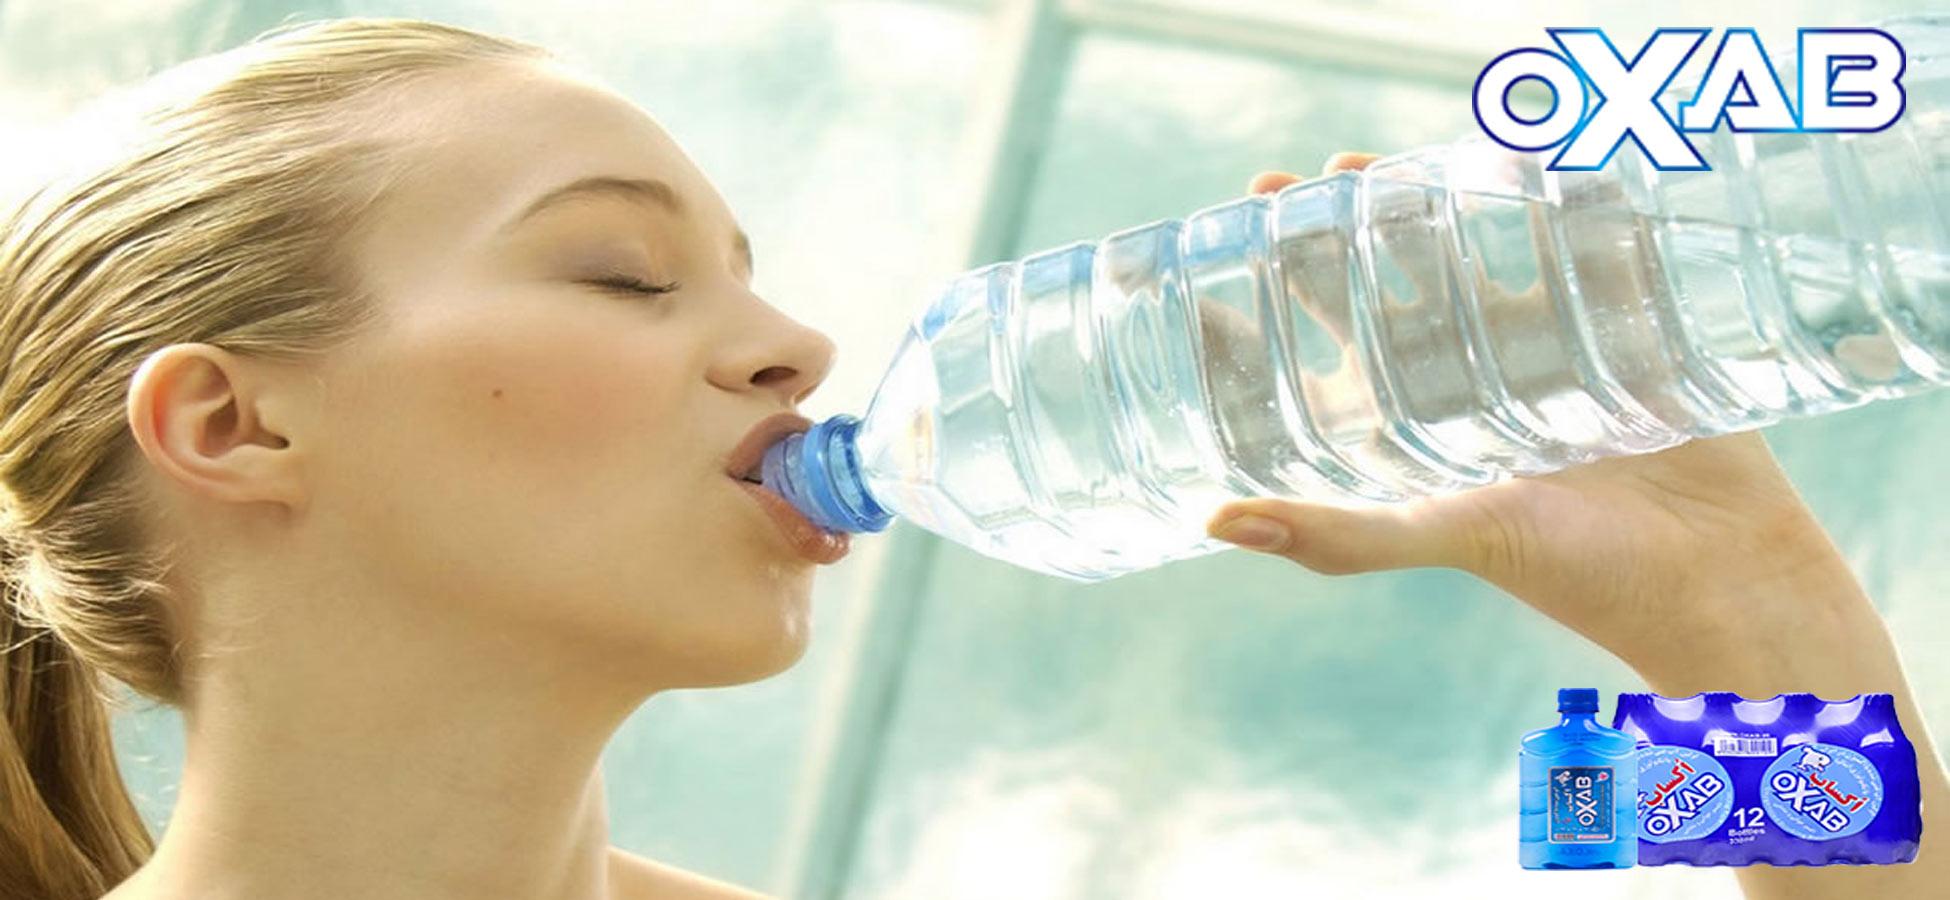 زیاد آب خوردن نشانه چیست ؟